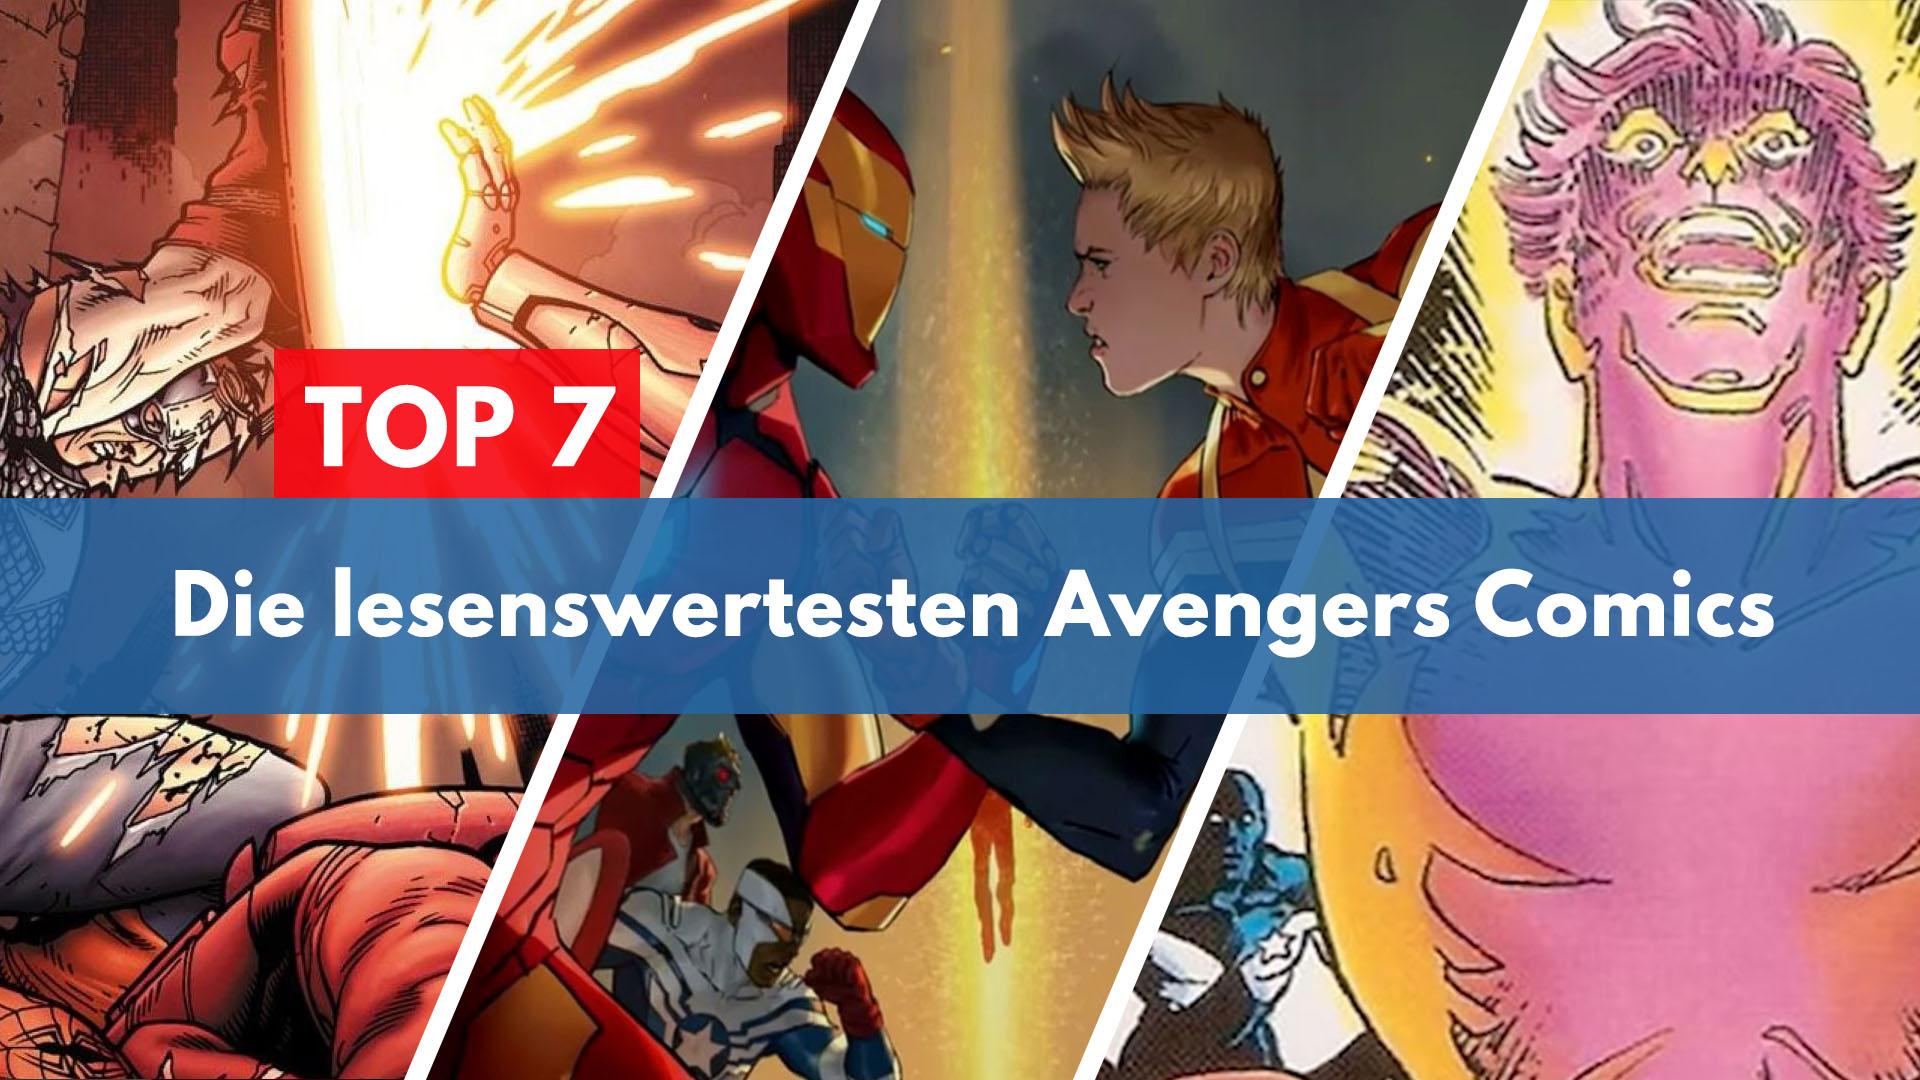 Top 7 Avengers Comics